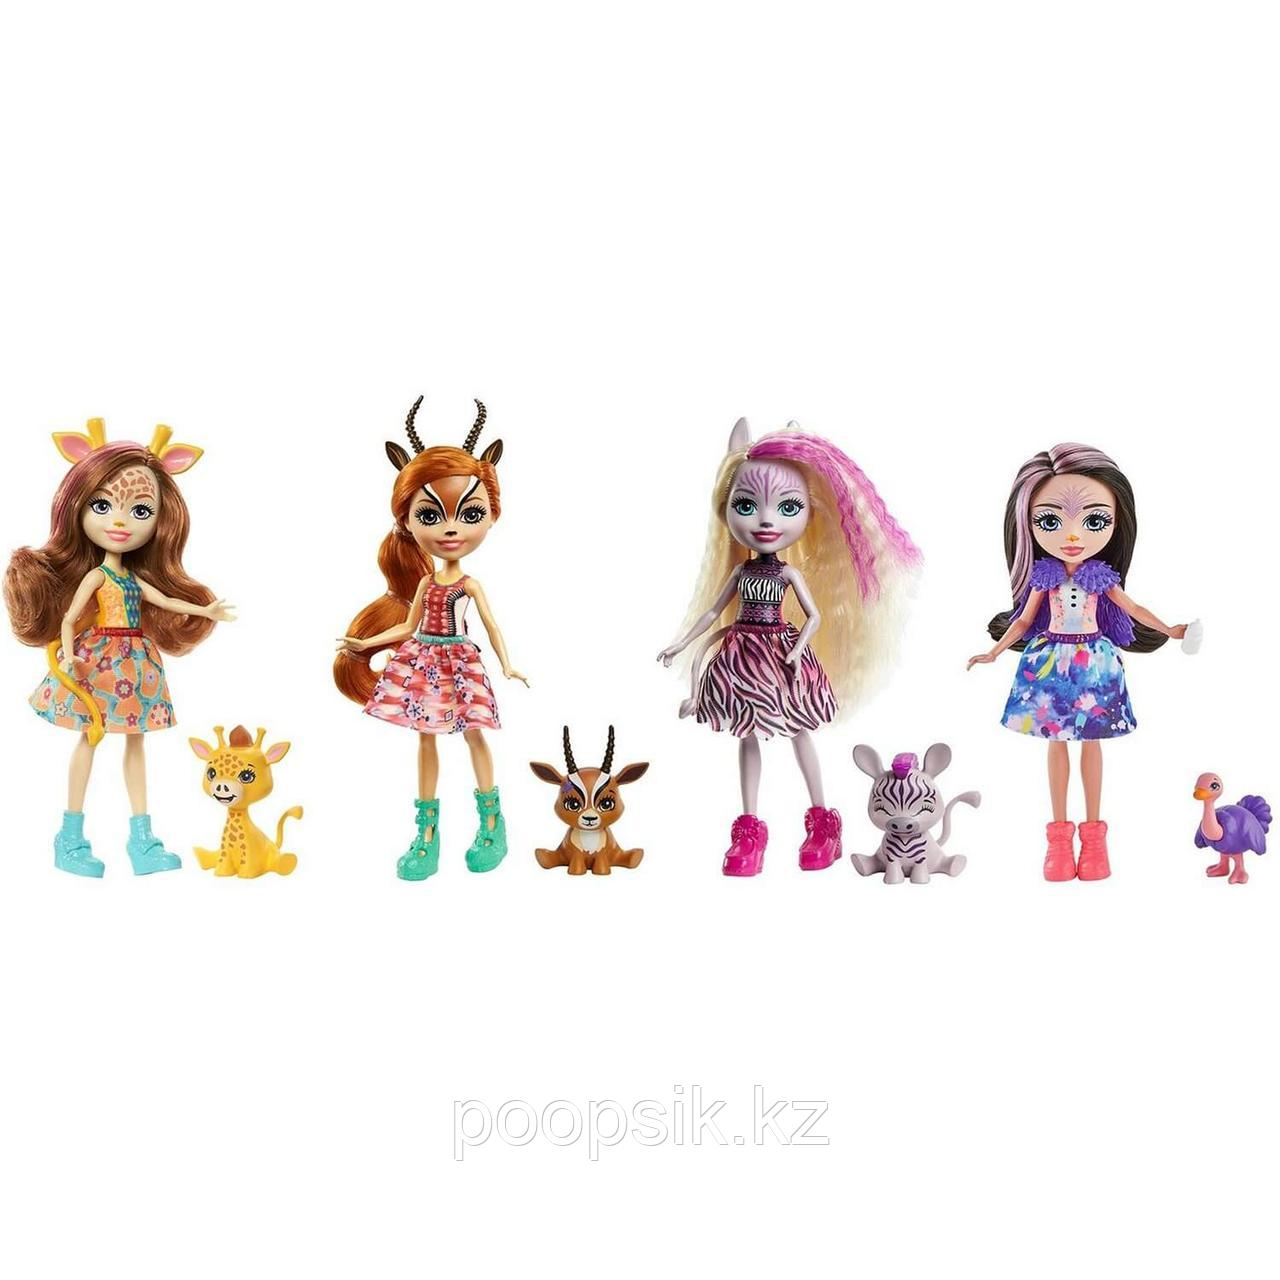 Enchantimals Друзья в Солнечной Саванне набор из четырех кукол с питомцами GYN57 - фото 1